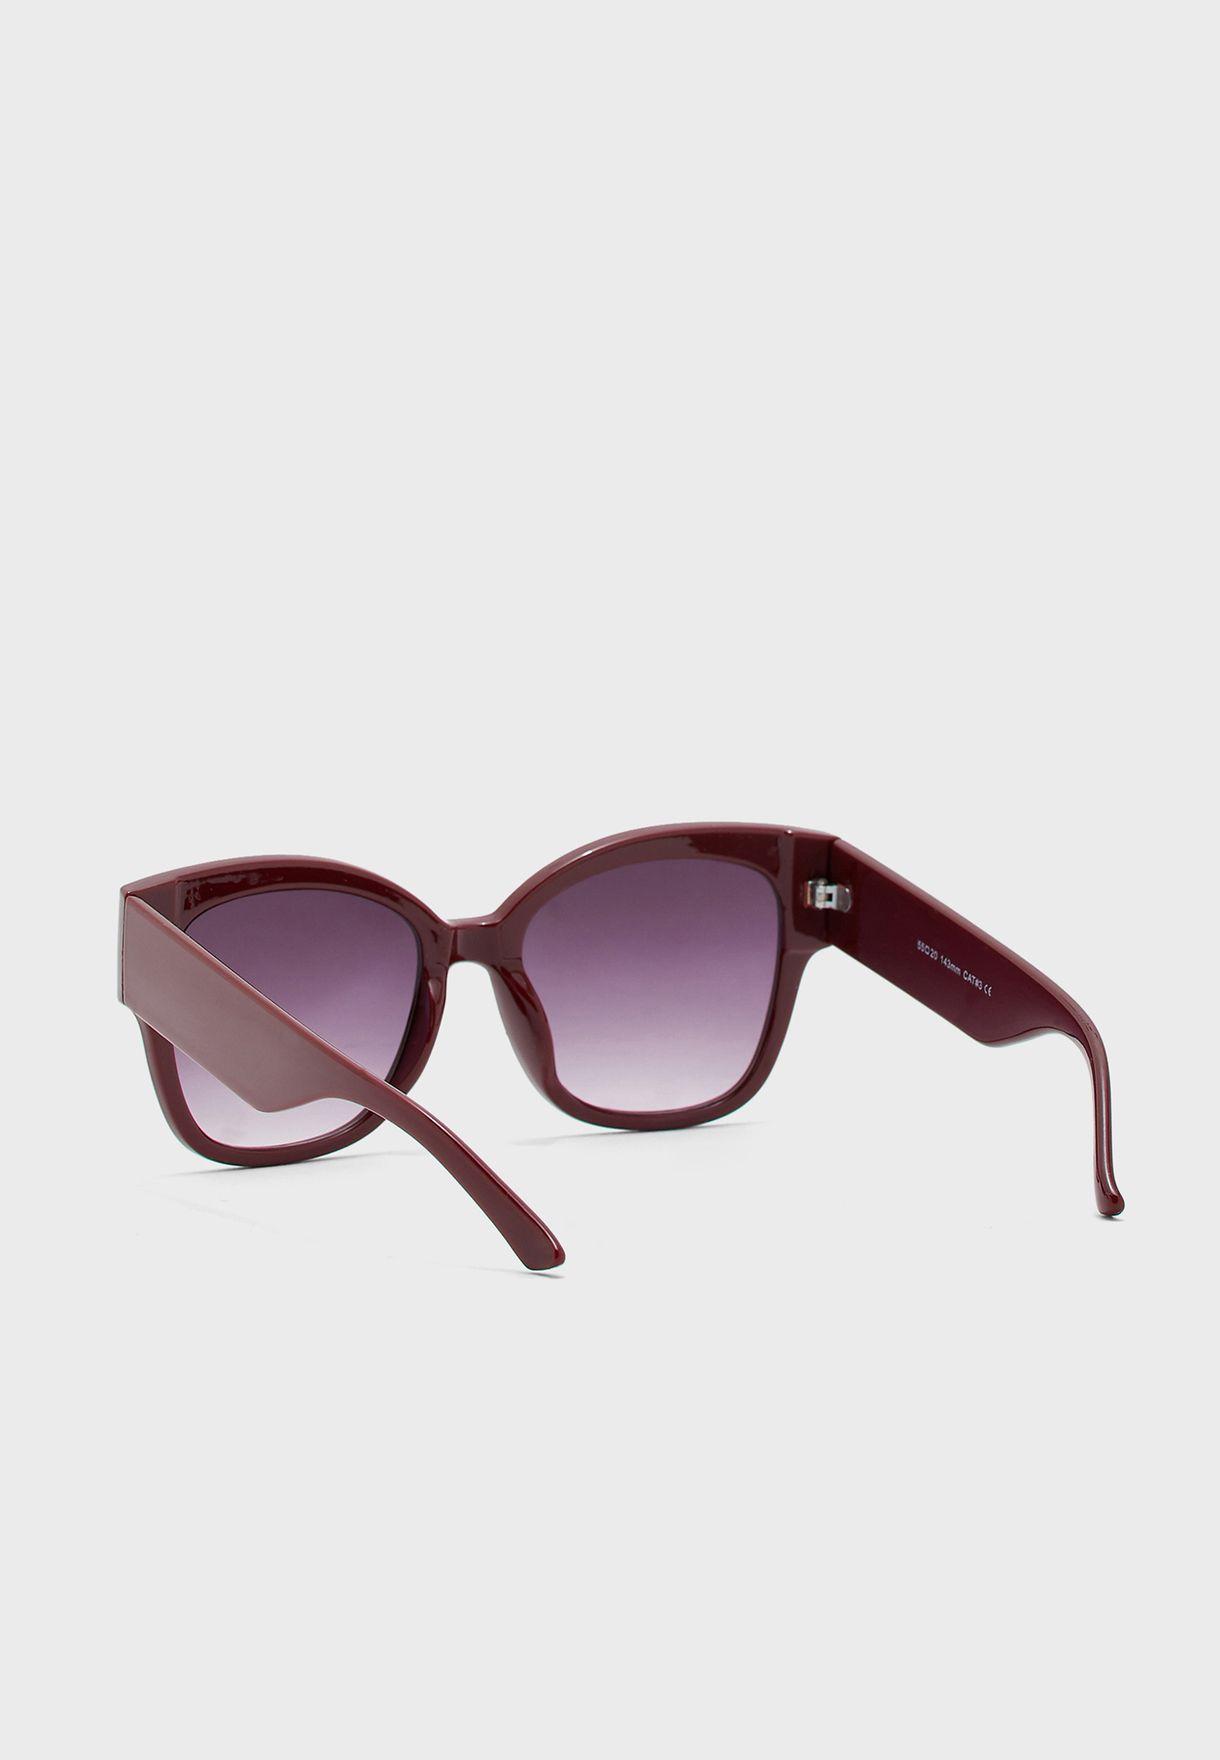 Full Frame Square Sunglasses